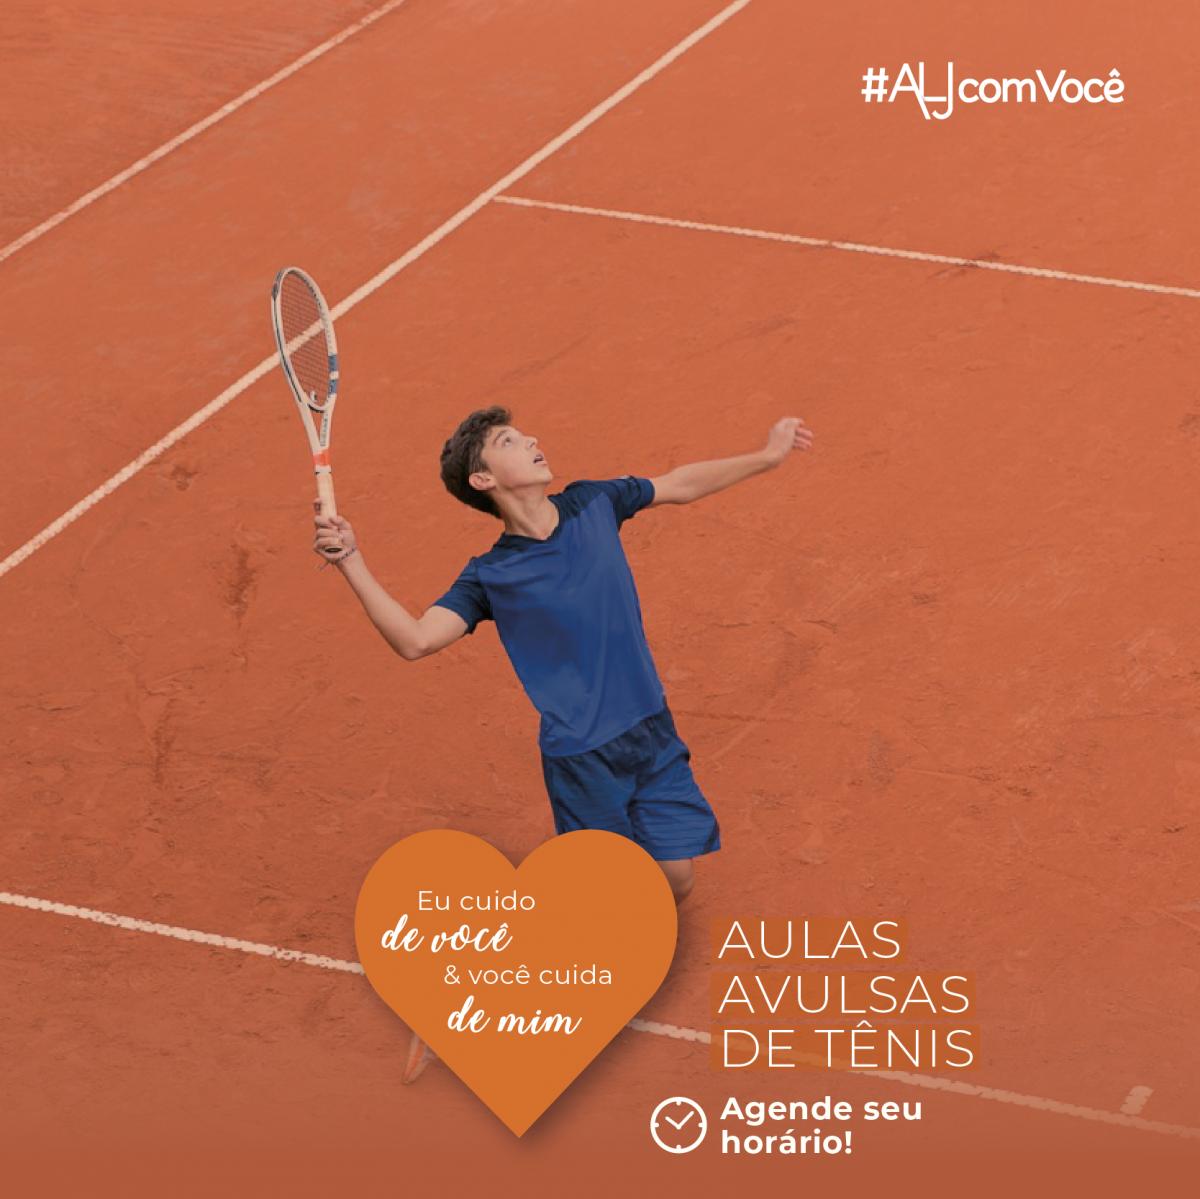 Agende sua aula avulsa de tênis no sistema